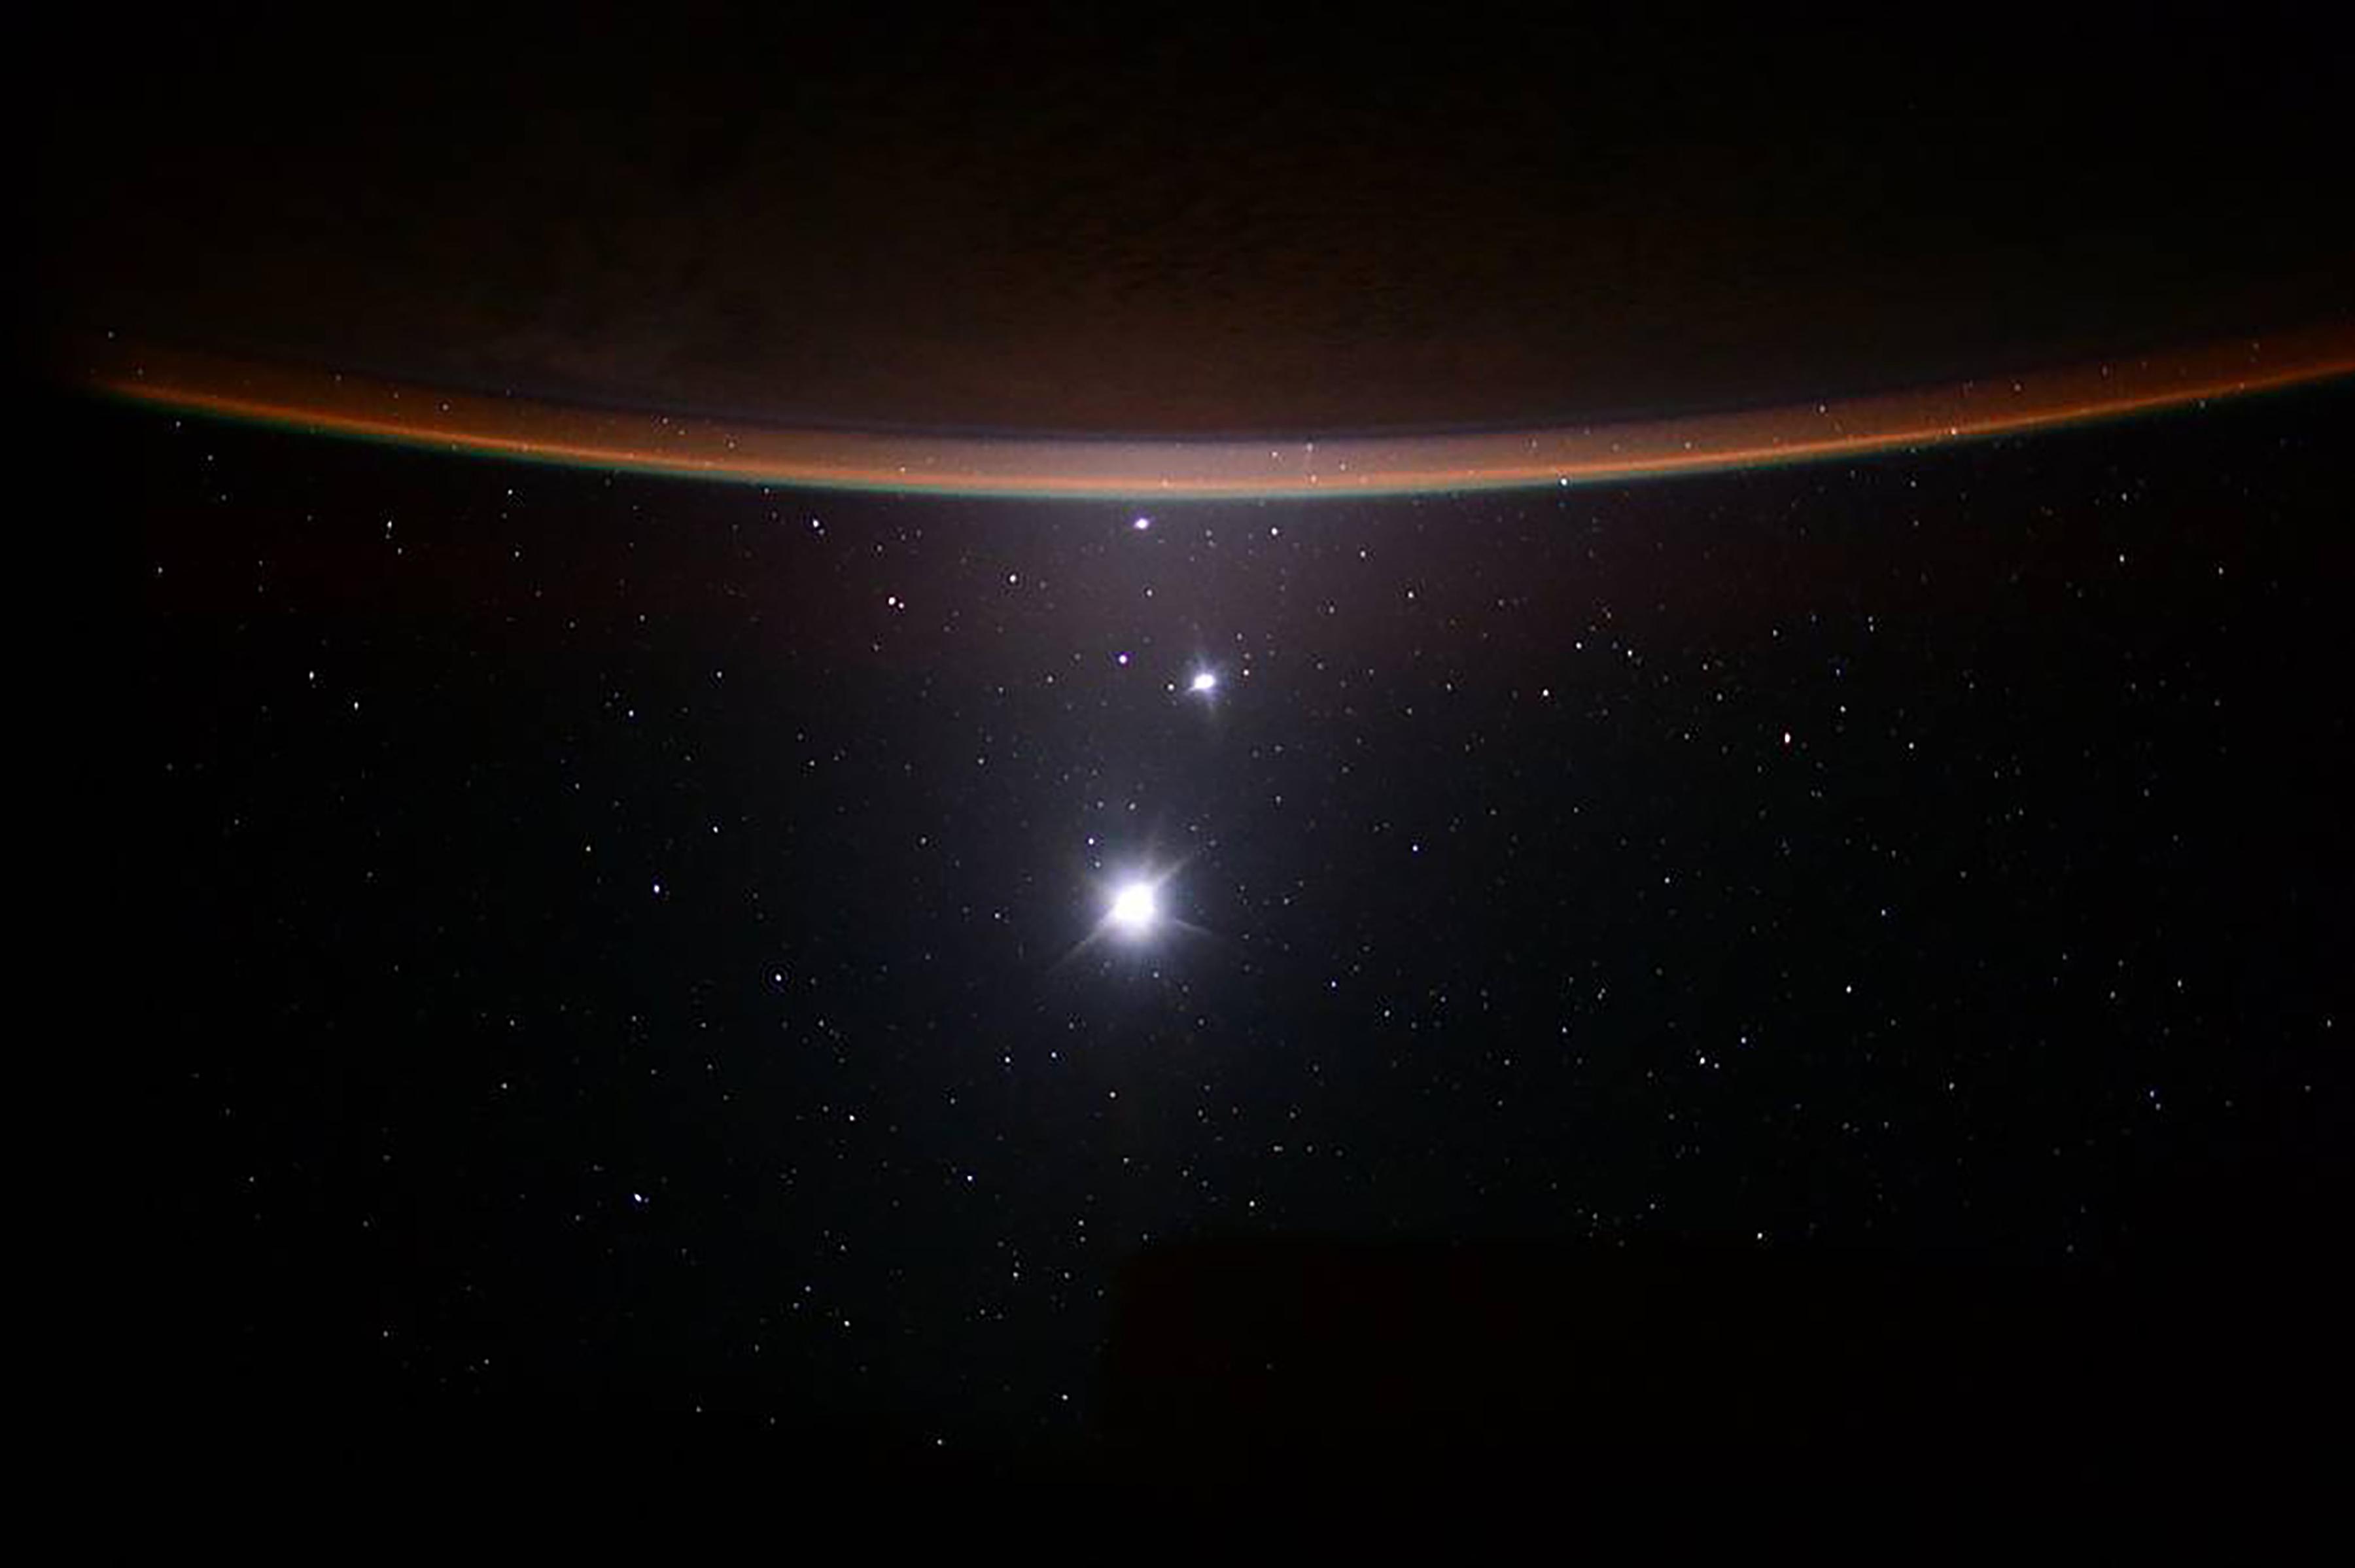 Una foto proporcionada por Scott Kelly / NASA muestra la luna, Venus y Júpiter, vistos desde la Estación Espacial Internacional, el 19 de julio de 2015. (Scott Kelly/NASA via The New York Times)